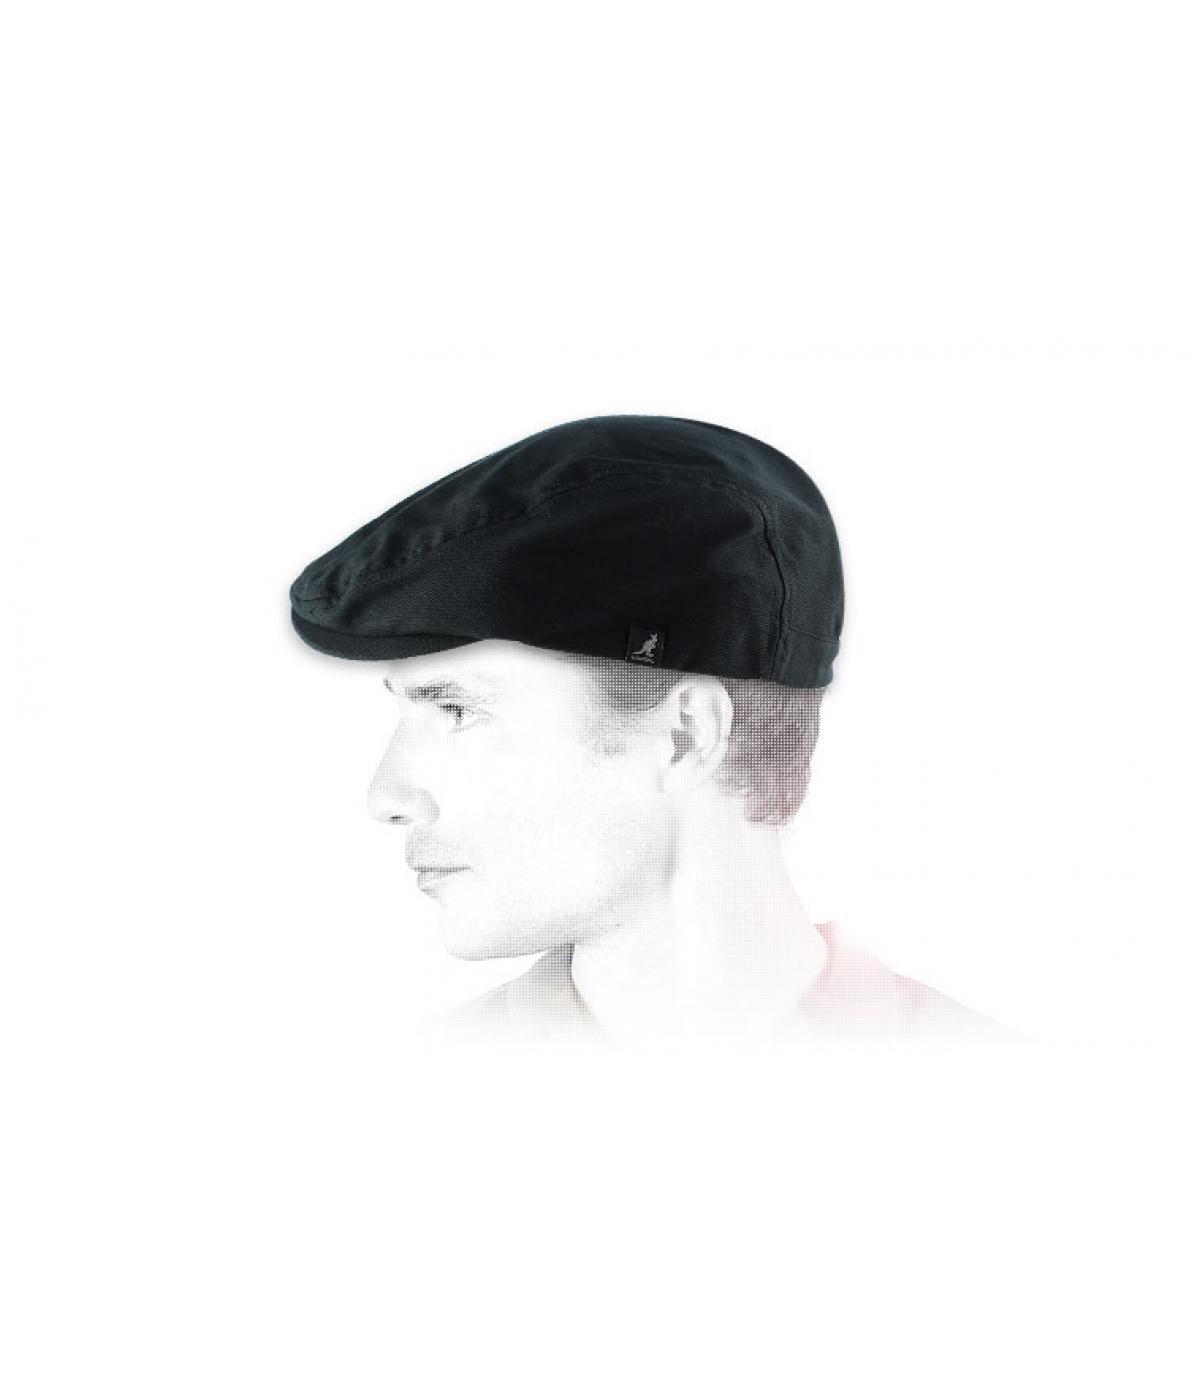 Black flat cap